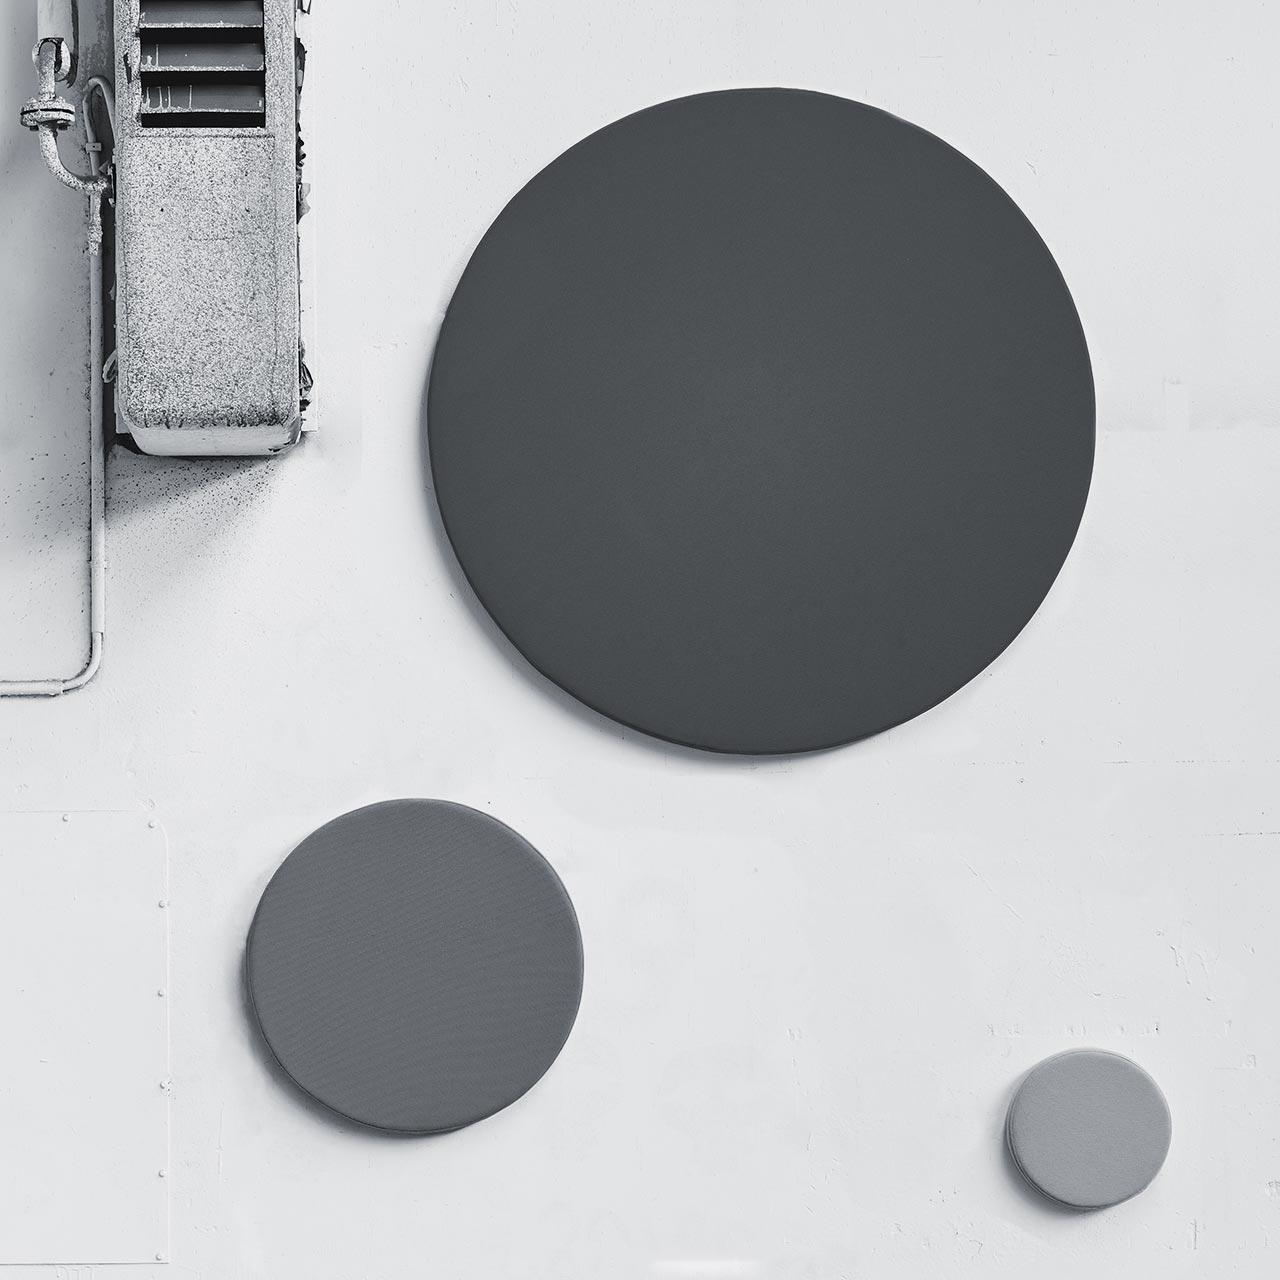 Wandabsorber, Schallabsorber, Akustikplatten, Akustikschaumstoff, Breitbandabsorber, Schallabsorber Bild, Schaumstoff Schallschutz,